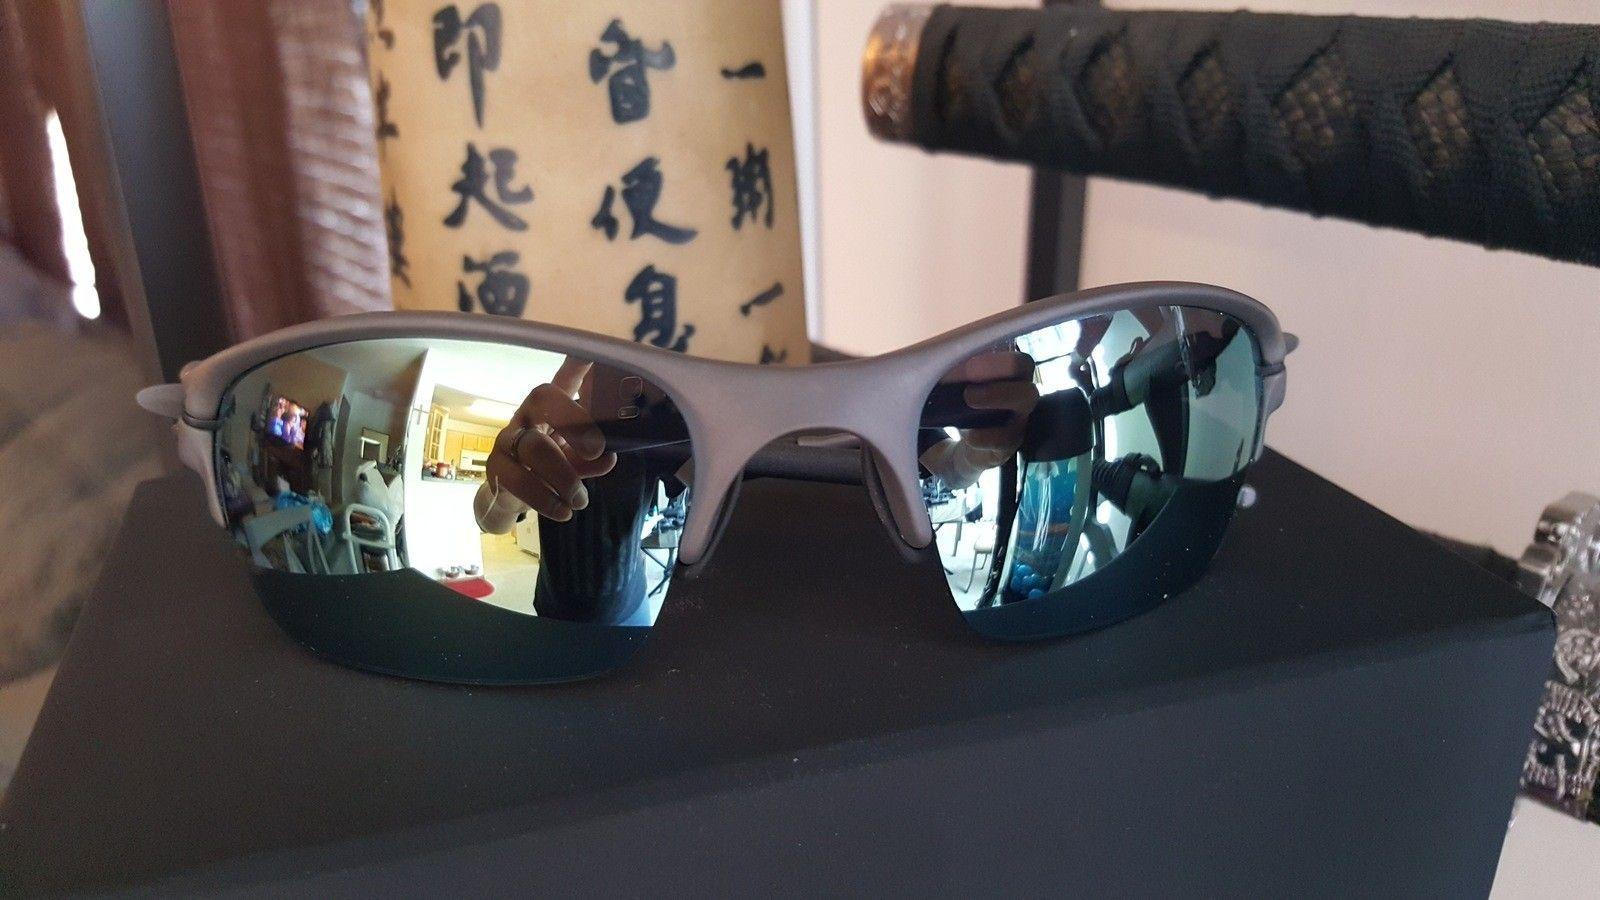 XM/Emerald Iridium Half-X Price lowered before pulling - 1451590697068581189118.jpg